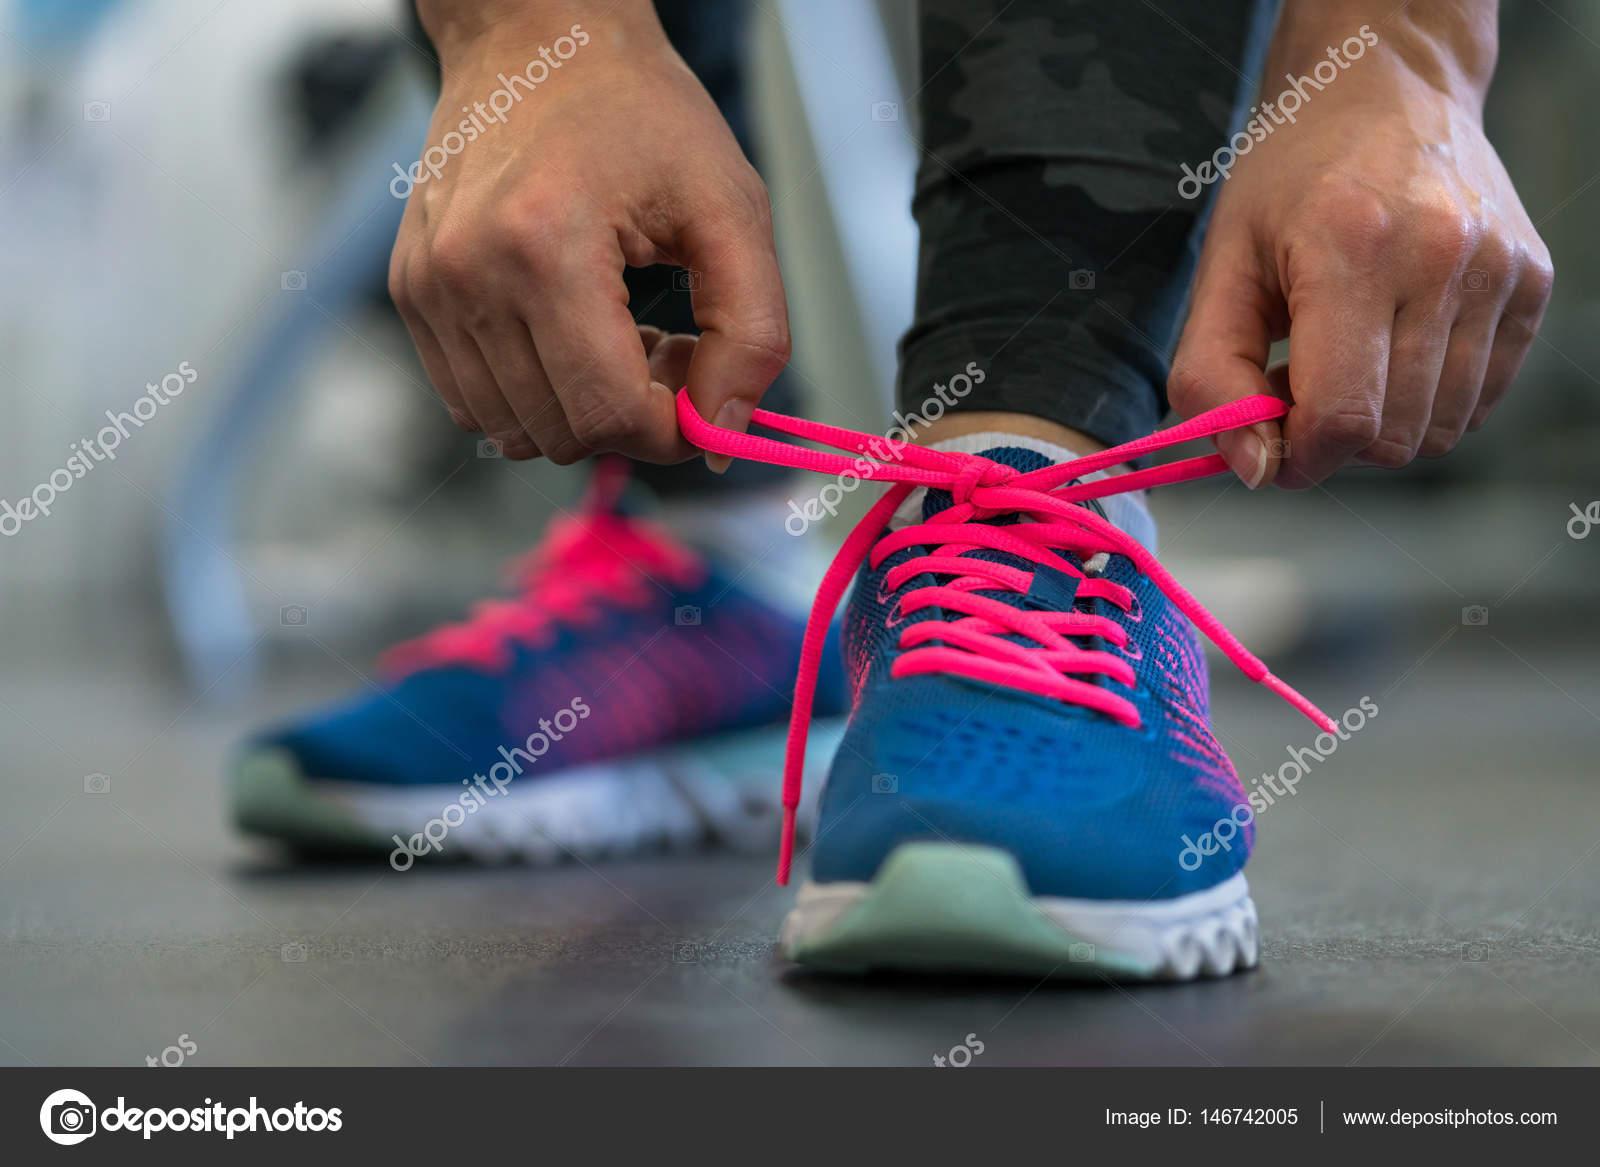 Mujer Cordones Zapatillas Atar De ZapatosPreparando Los gI7Yyvmbf6